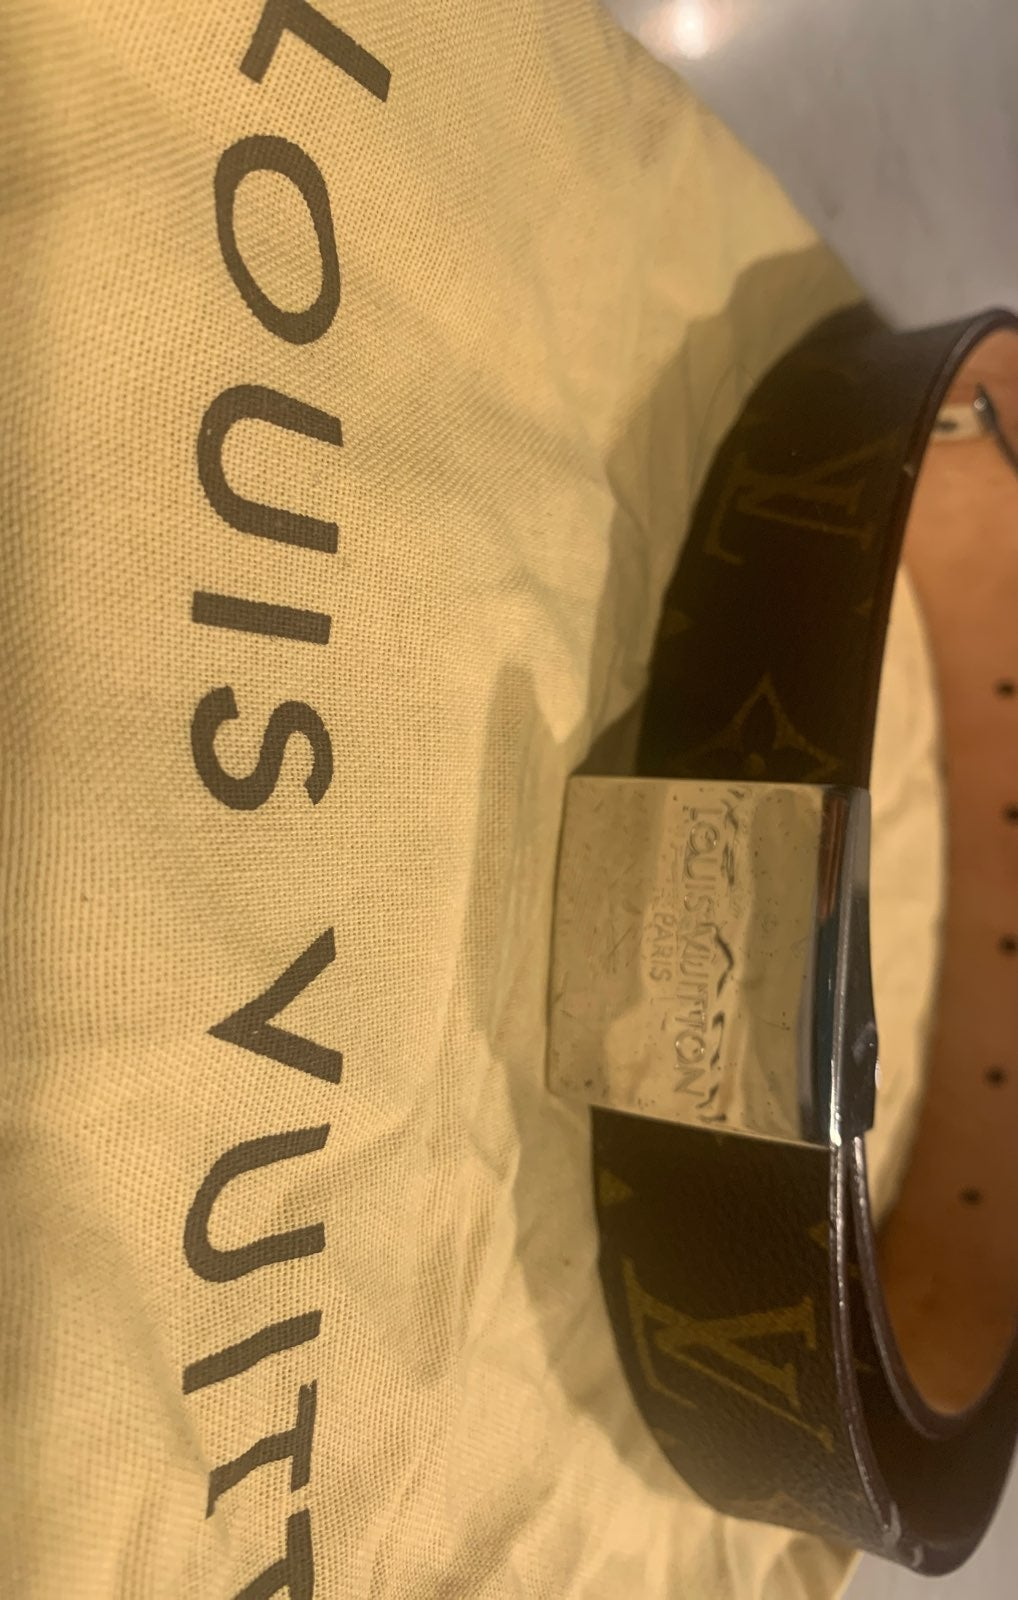 Louis Vuitton ladies belt 1 1/4 inch